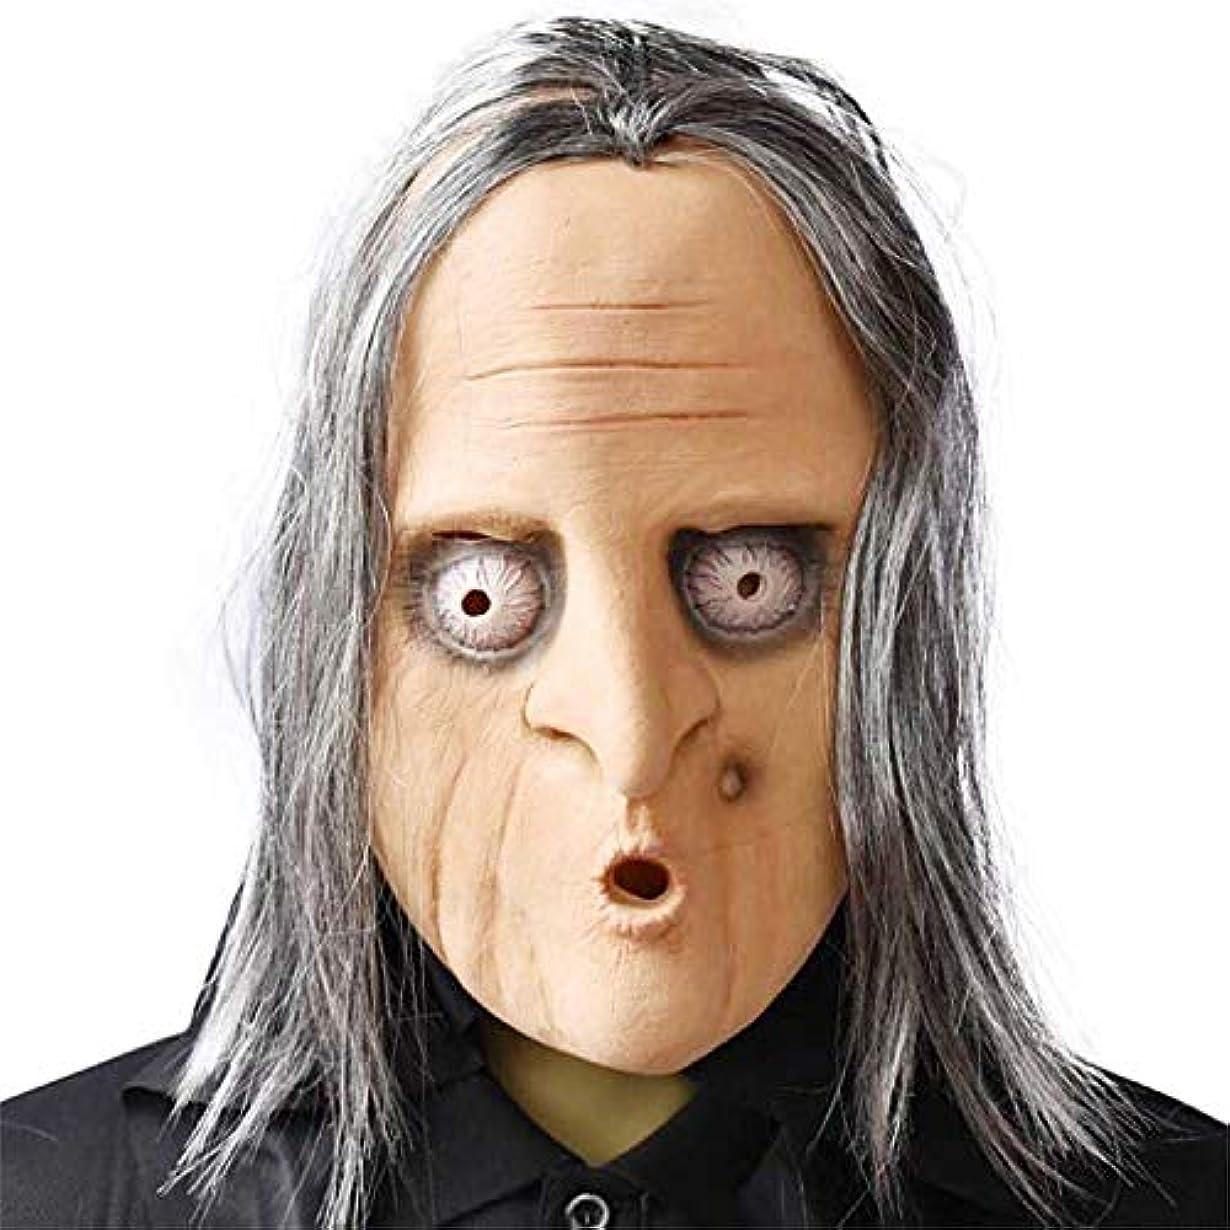 サイクロプス負合金ゴーストフードハロウィンホラー長い髪の魔女マスクダンスパーティーバーパーティーのパフォーマンスの小道具